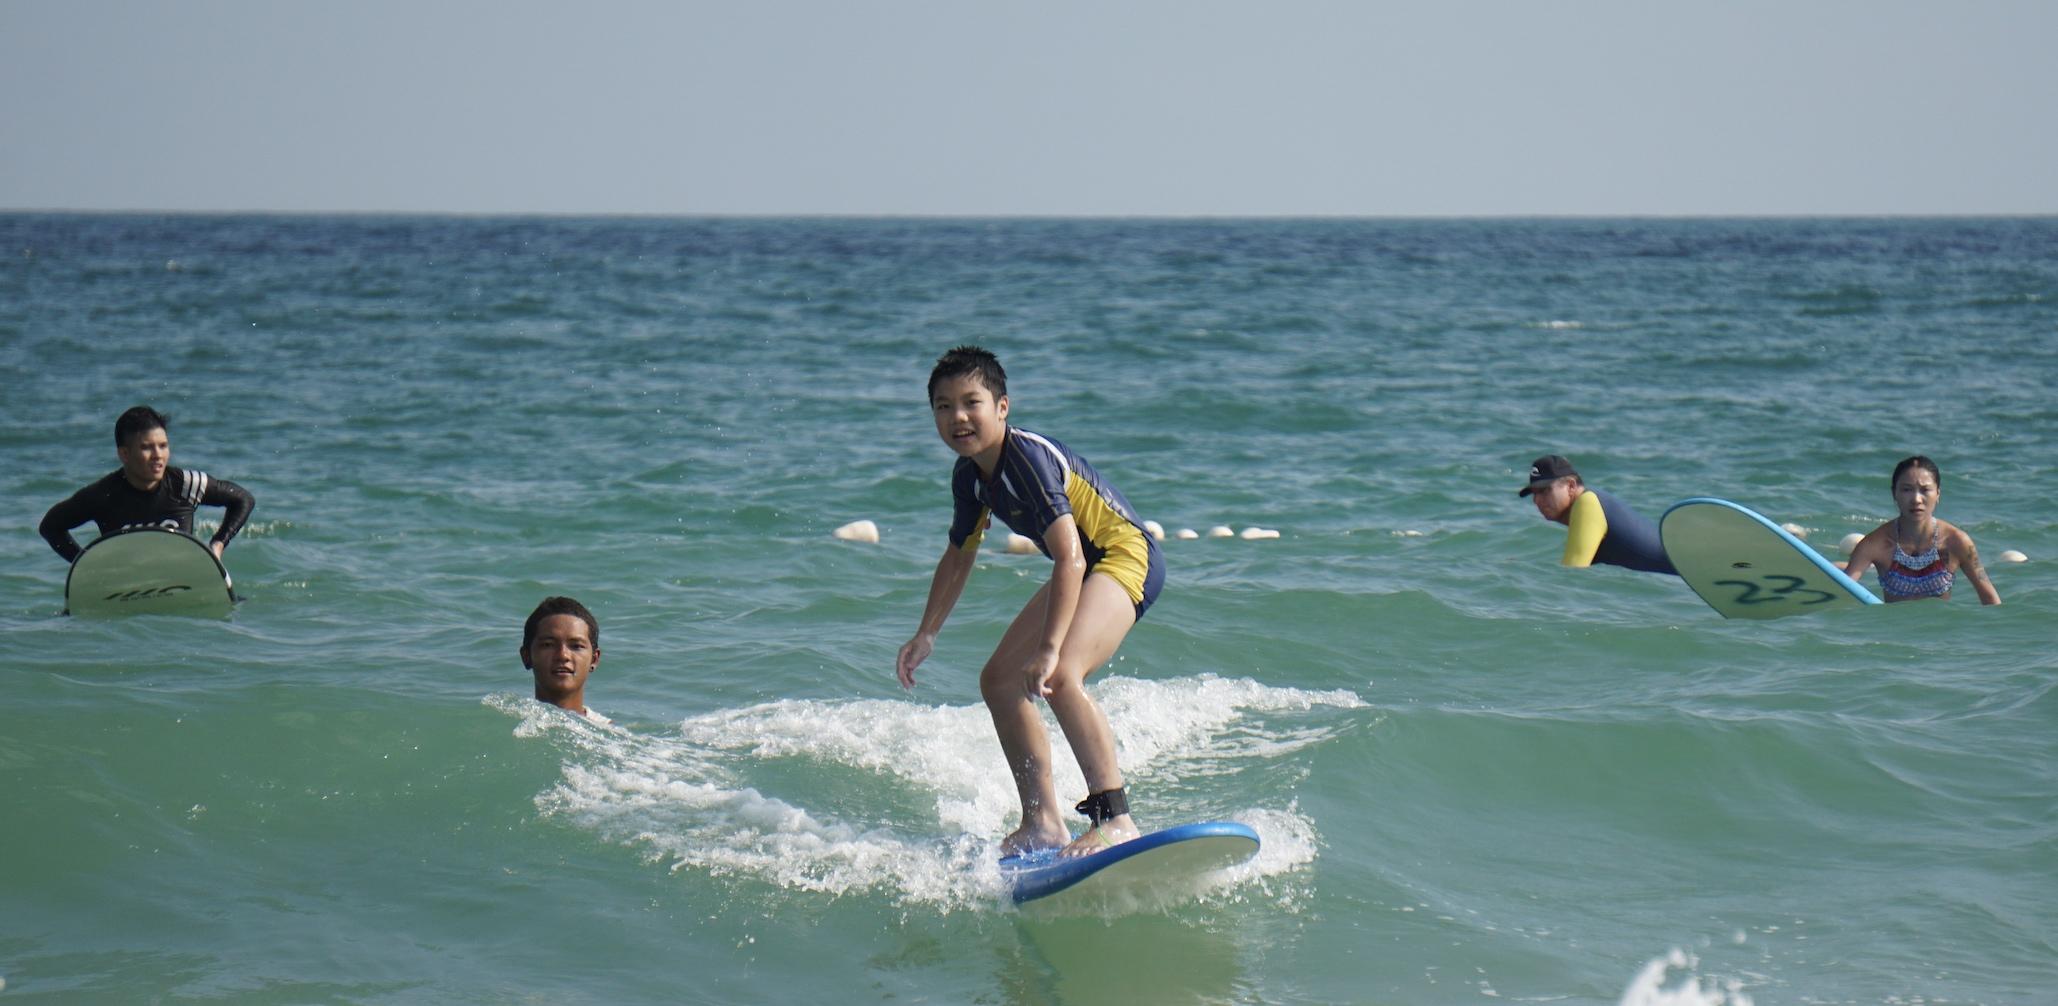 12岁小孩子也可以在海上愉快的冲浪征服大海